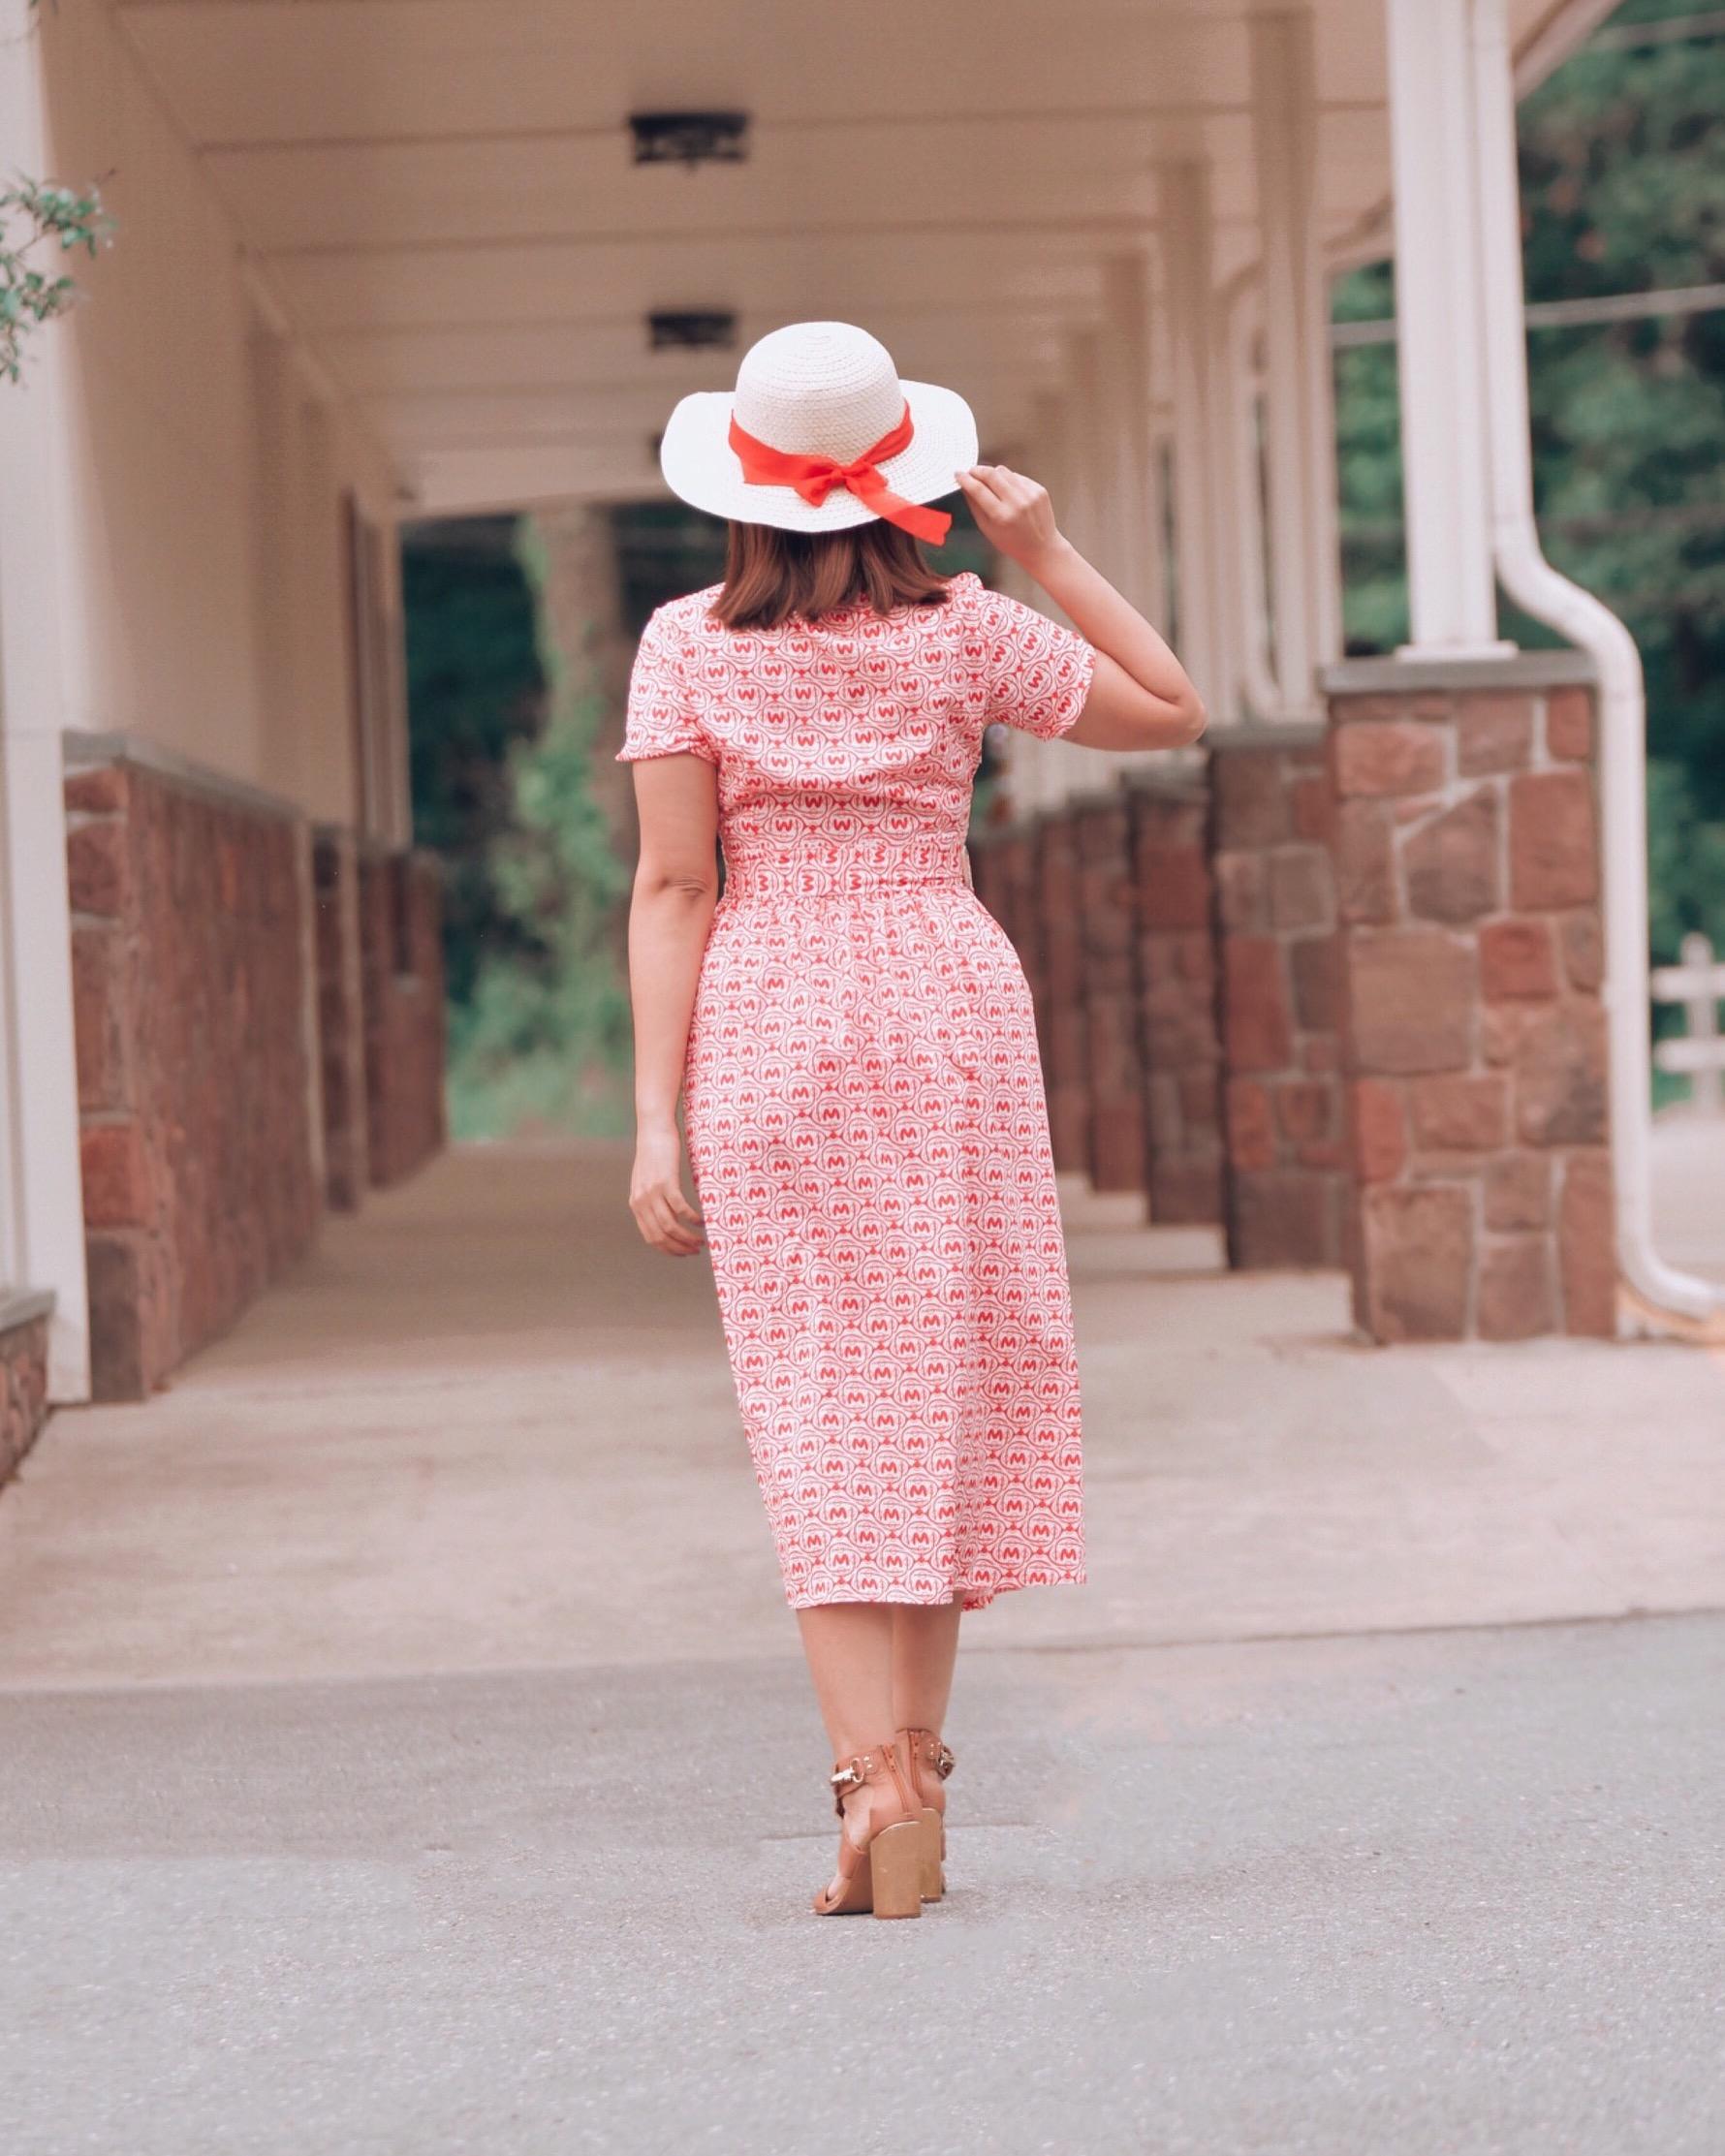 Como Combinar Vestido Con Cinturón Y Estampado De Letras-mariestilo-como crear outfits desde cero-fashion blogger-vestidos de verano-vestidos mujeres-moda 2020-